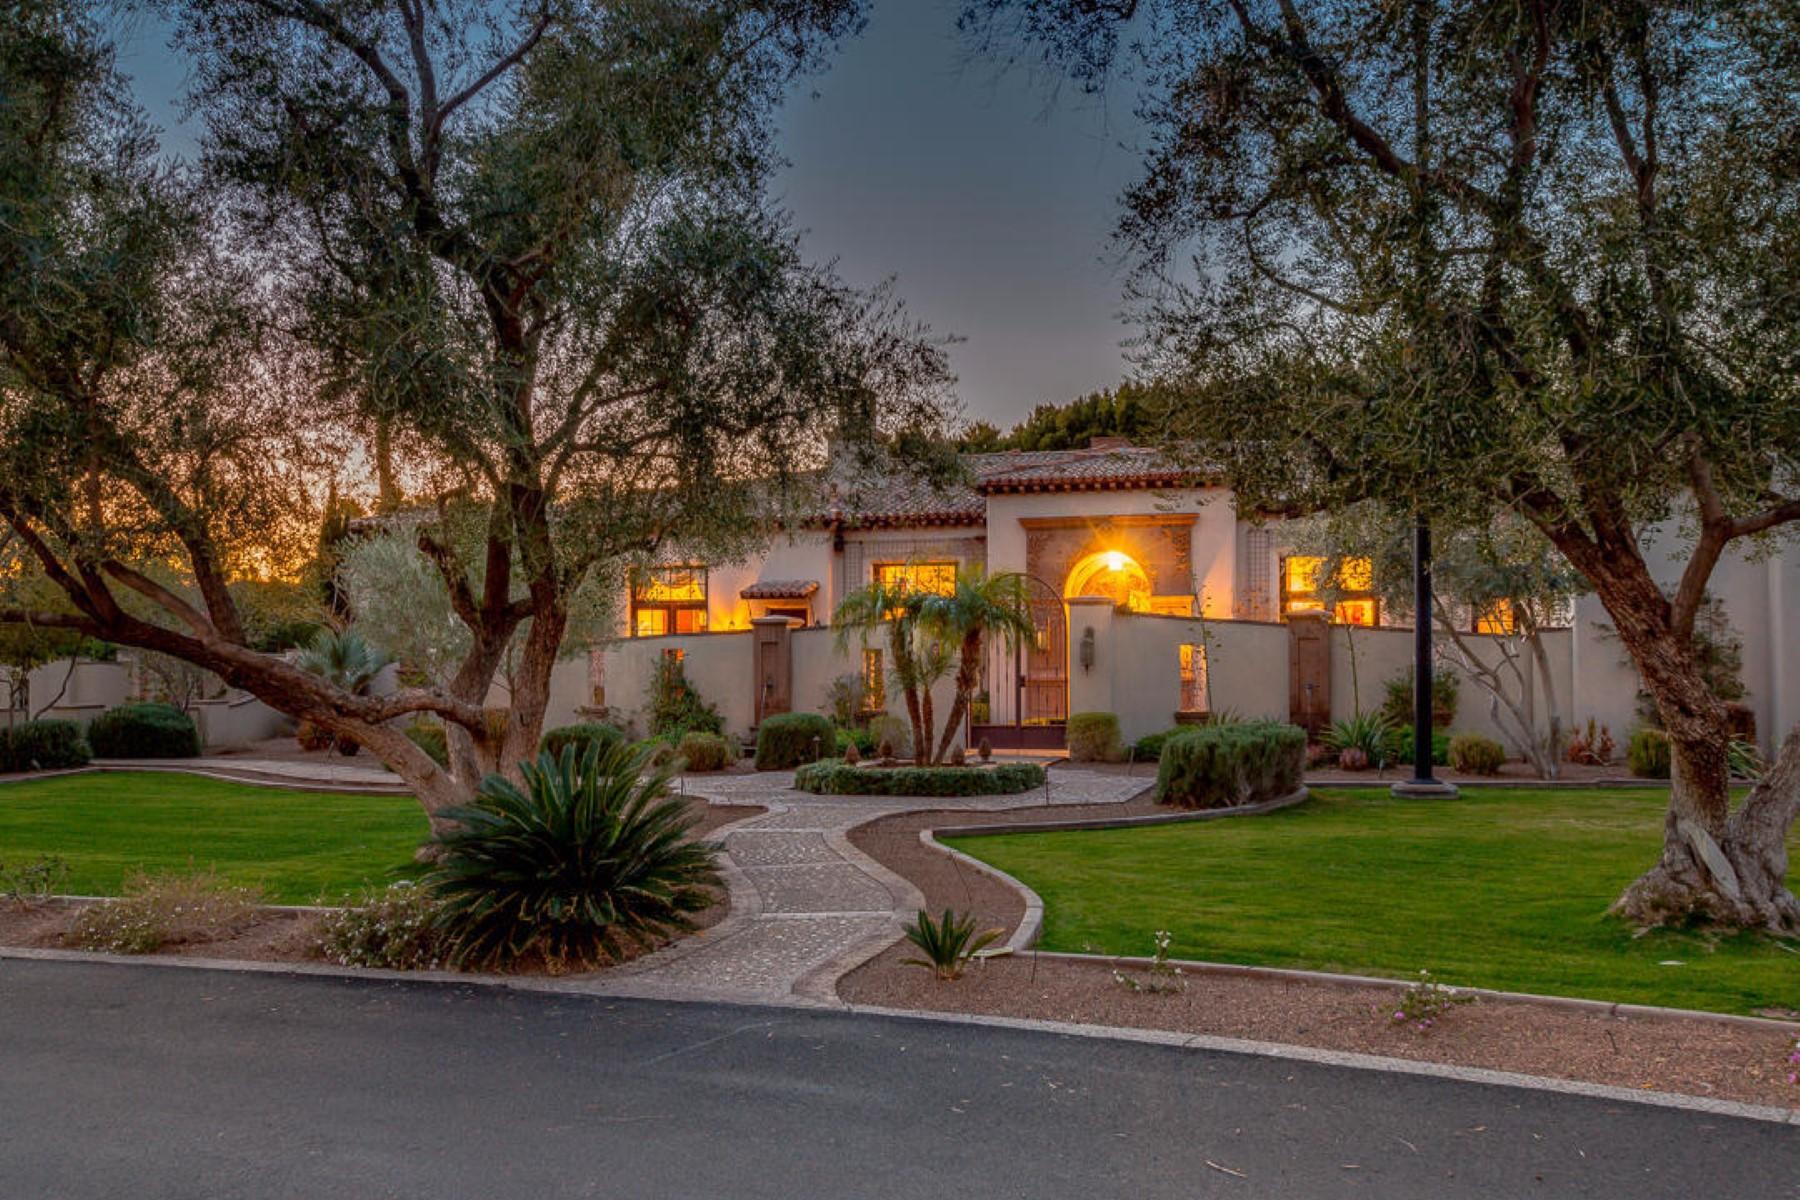 단독 가정 주택 용 매매 에 Magnificent estate in Phoenix 4602 N Royal View Dr Phoenix, 아리조나, 85018 미국